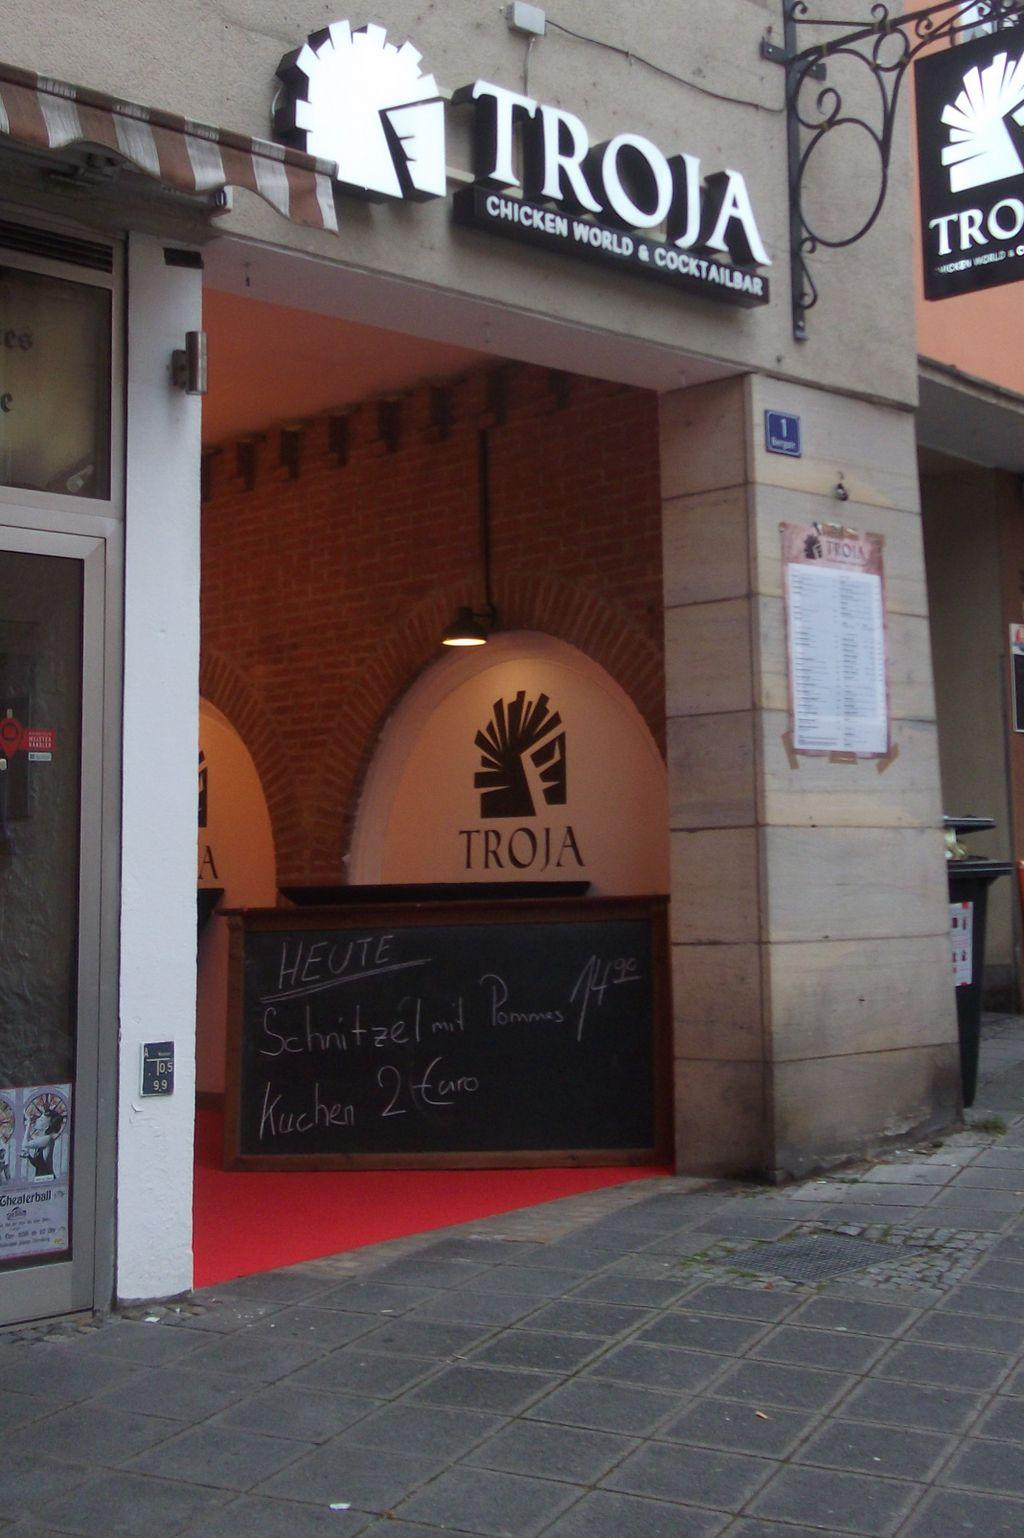 Nutzerfoto 3 TROJA Chickenworld & Cocktailbar